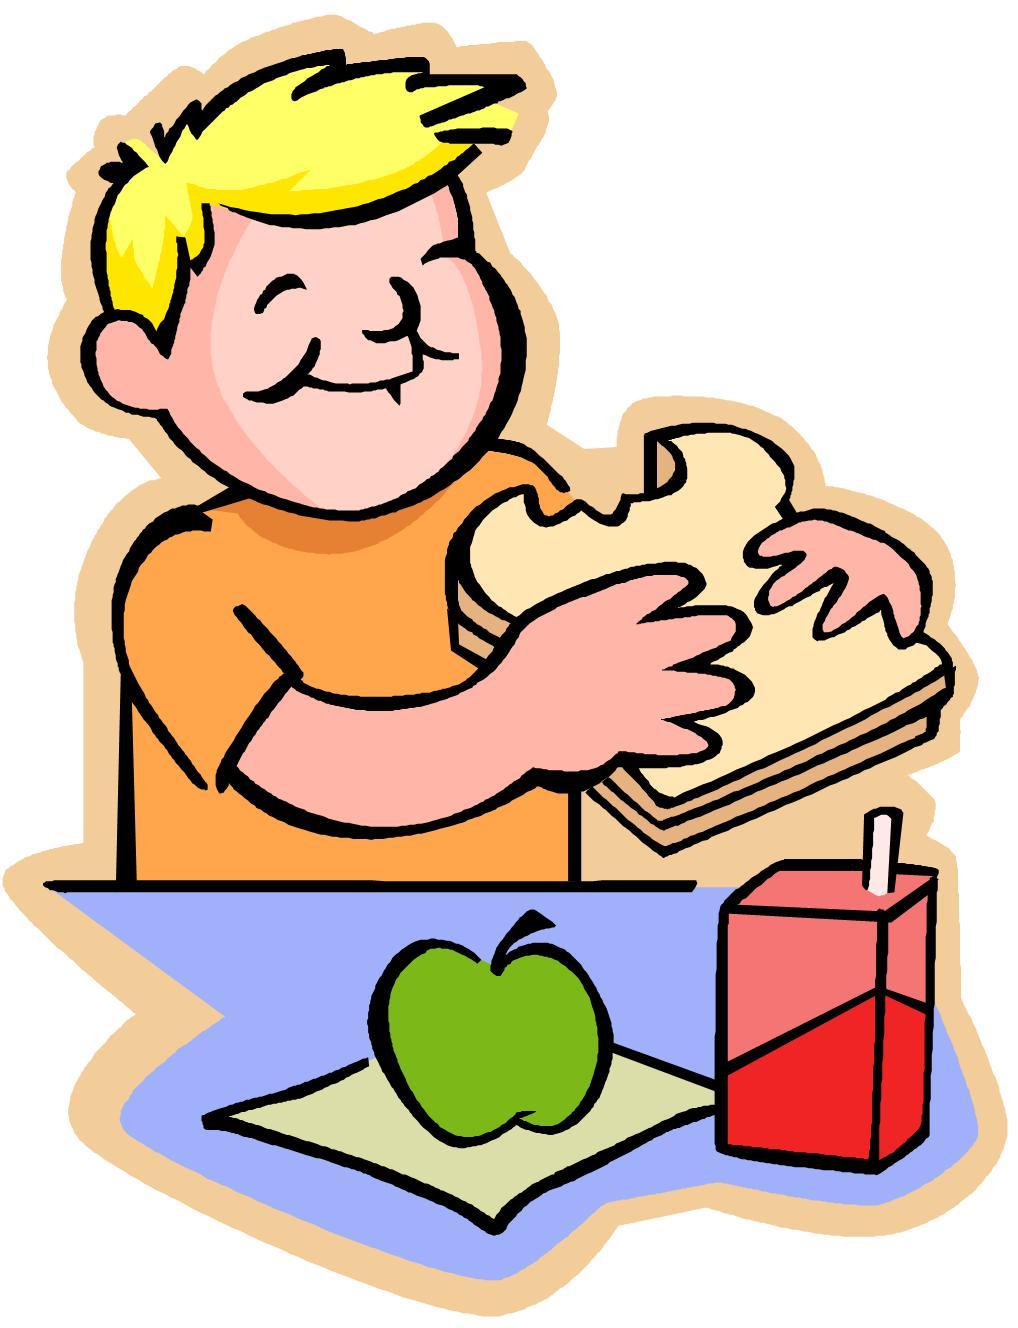 Lunch kindergarten clipart free stock Helathy lunch snowmen clipart - ClipartFest free stock